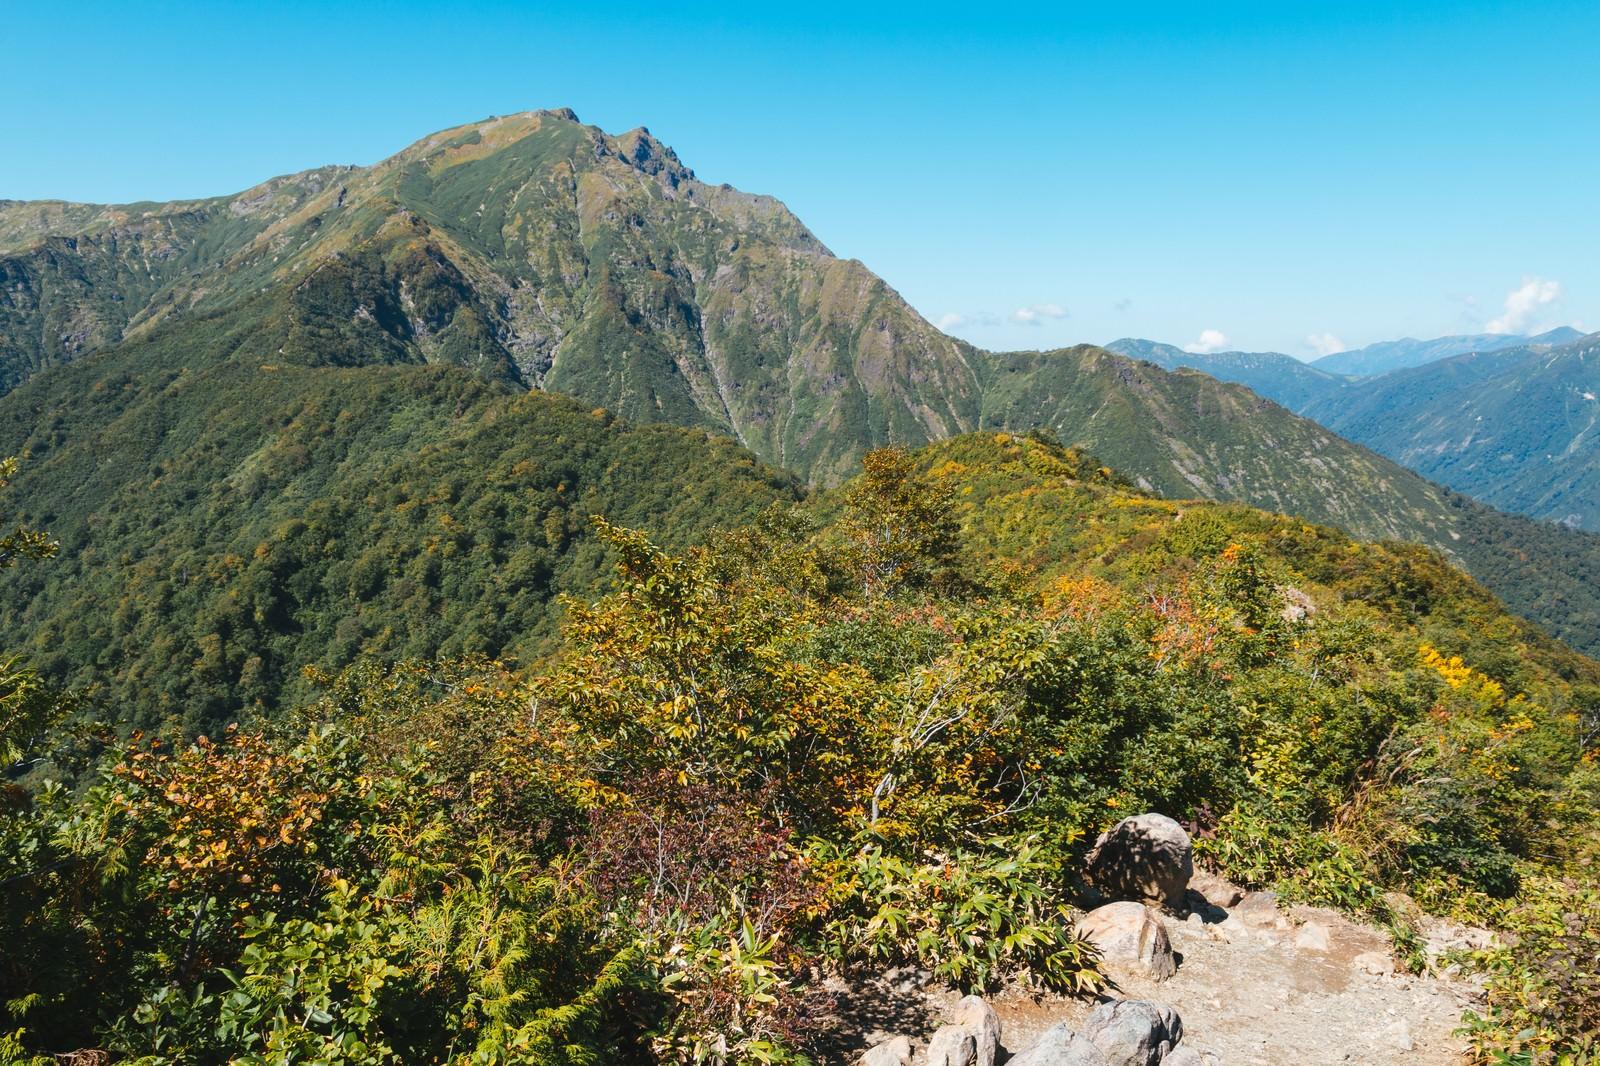 「谷川岳景観谷川岳景観」のフリー写真素材を拡大